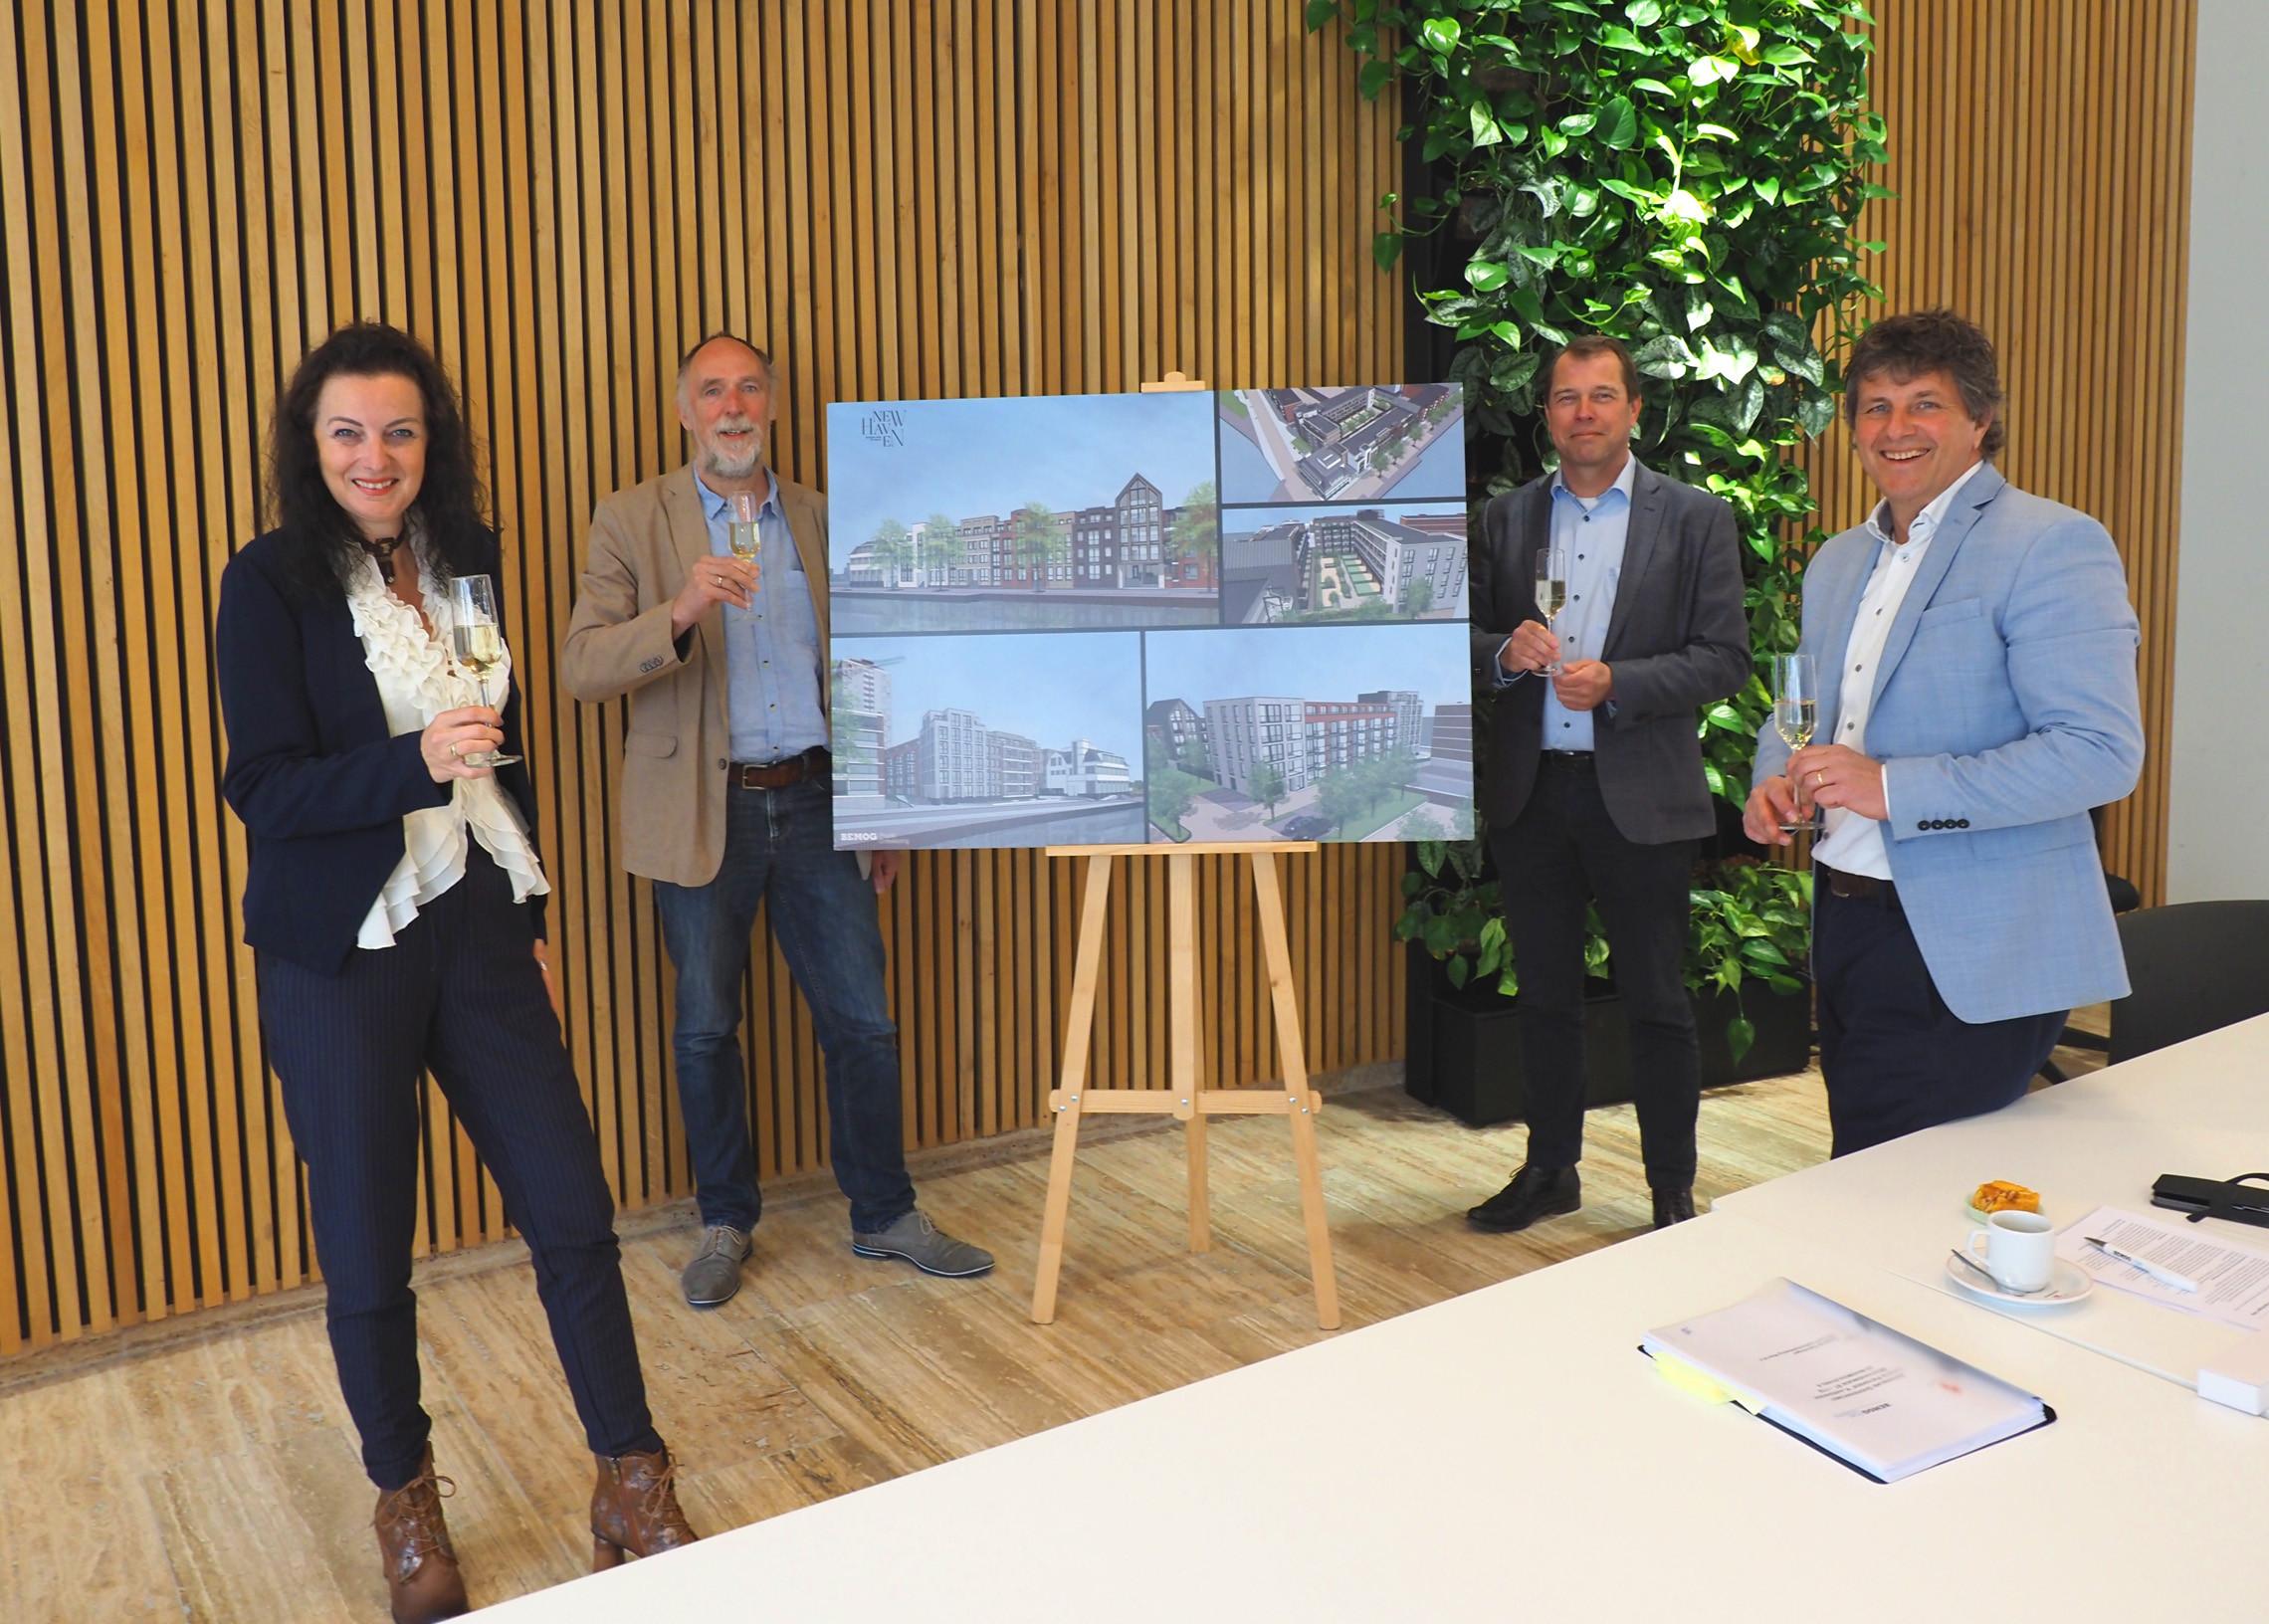 Anterieure overeenkomst getekend tussen Gemeente Vlaardingen en BEMOG.